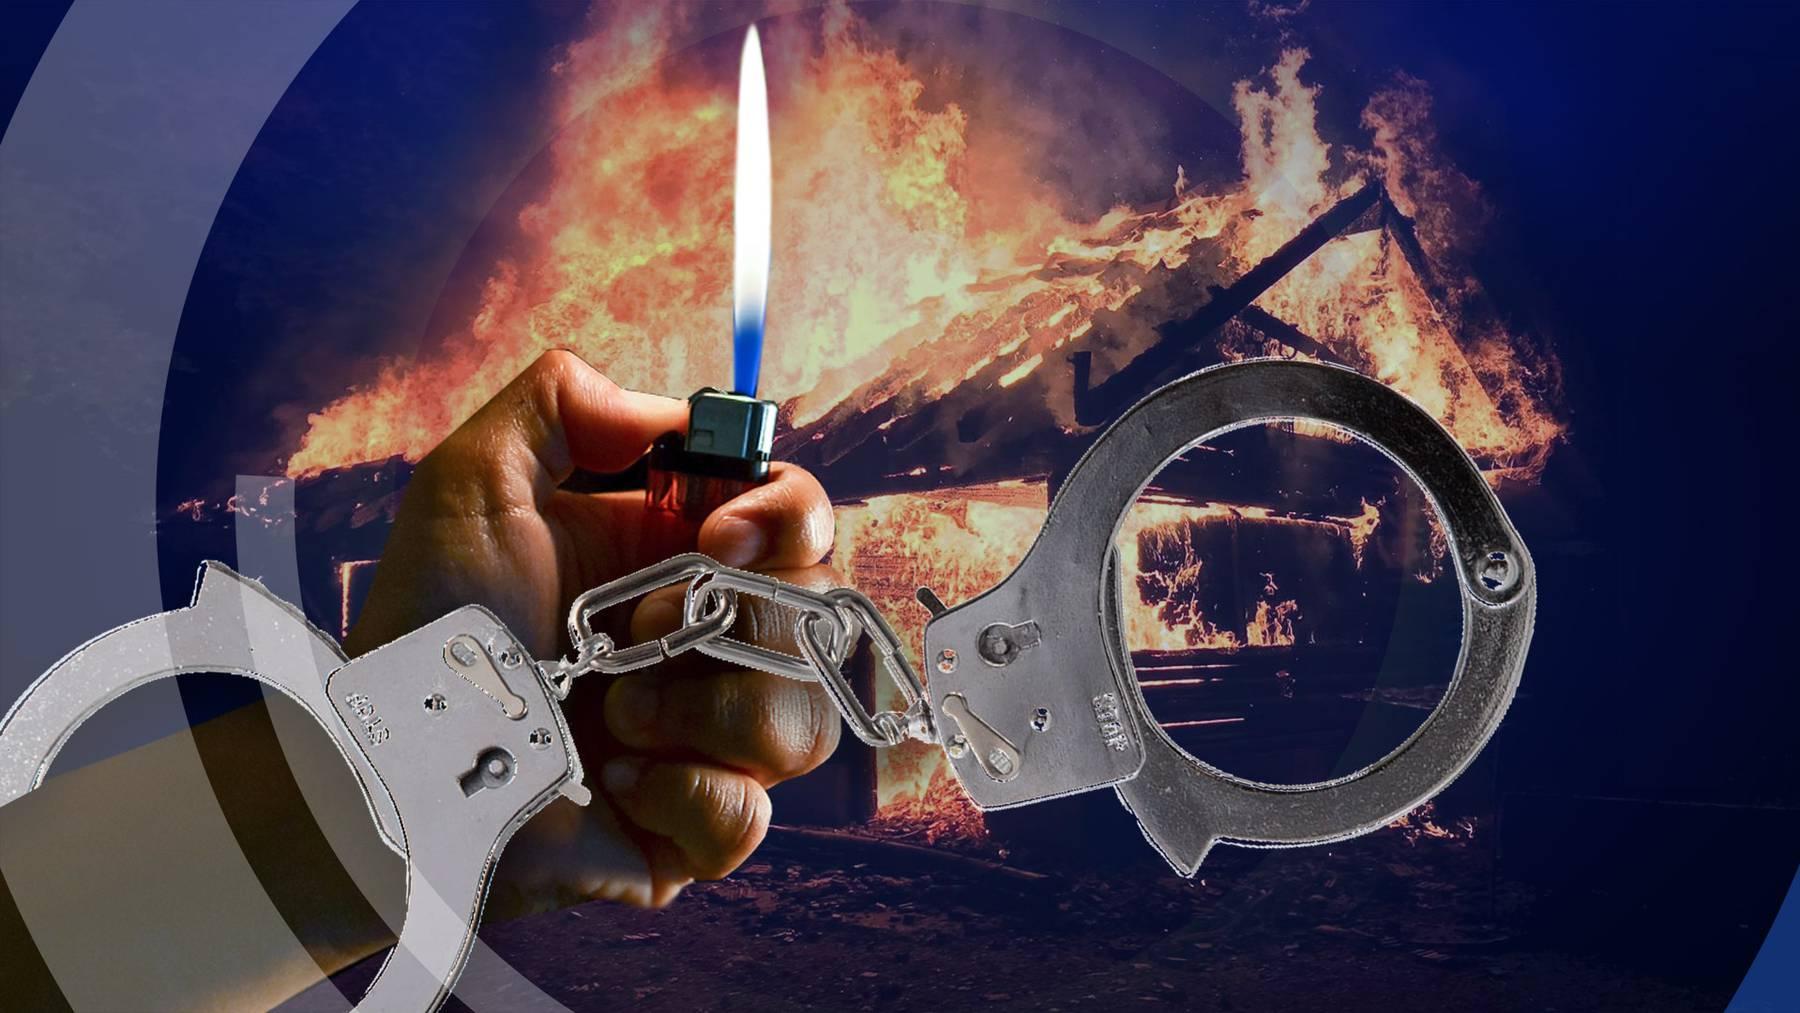 Nach weiteren Bränden in Merenschwand werden 10 Personen verhaftet